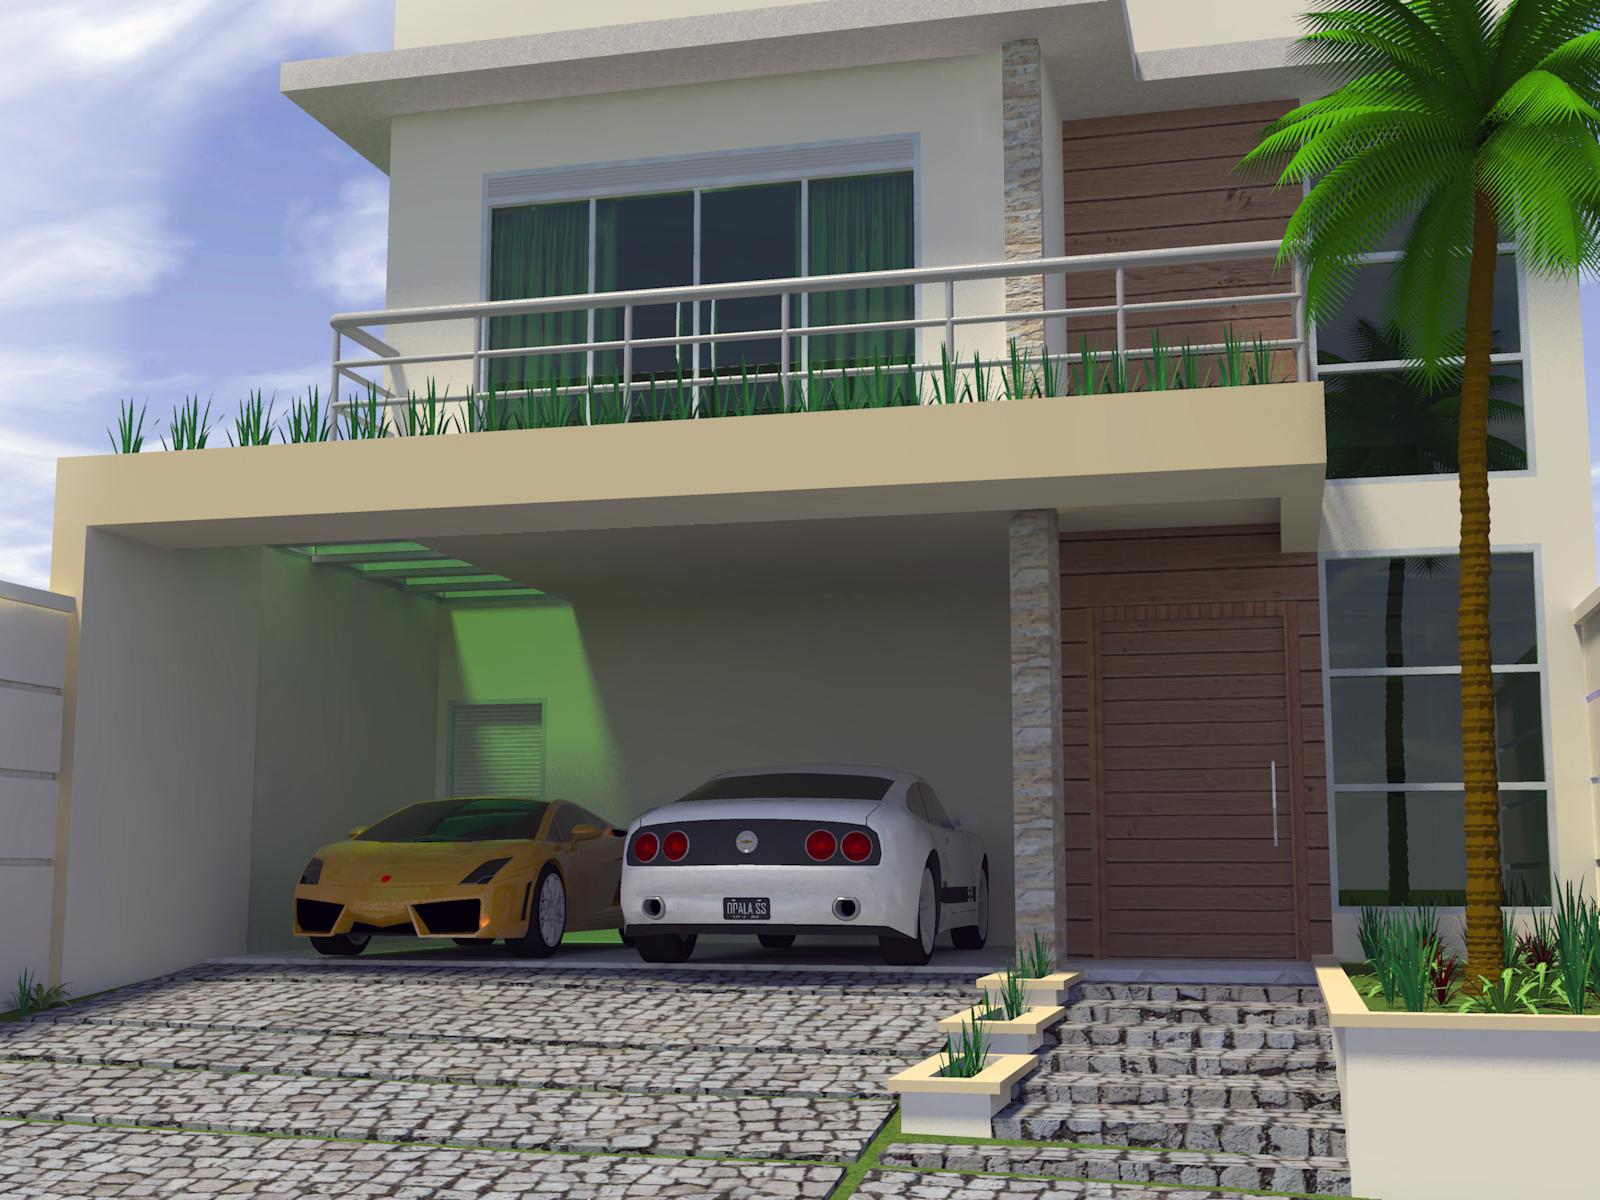 Casas Modernas X Casas Neocl Ssicas